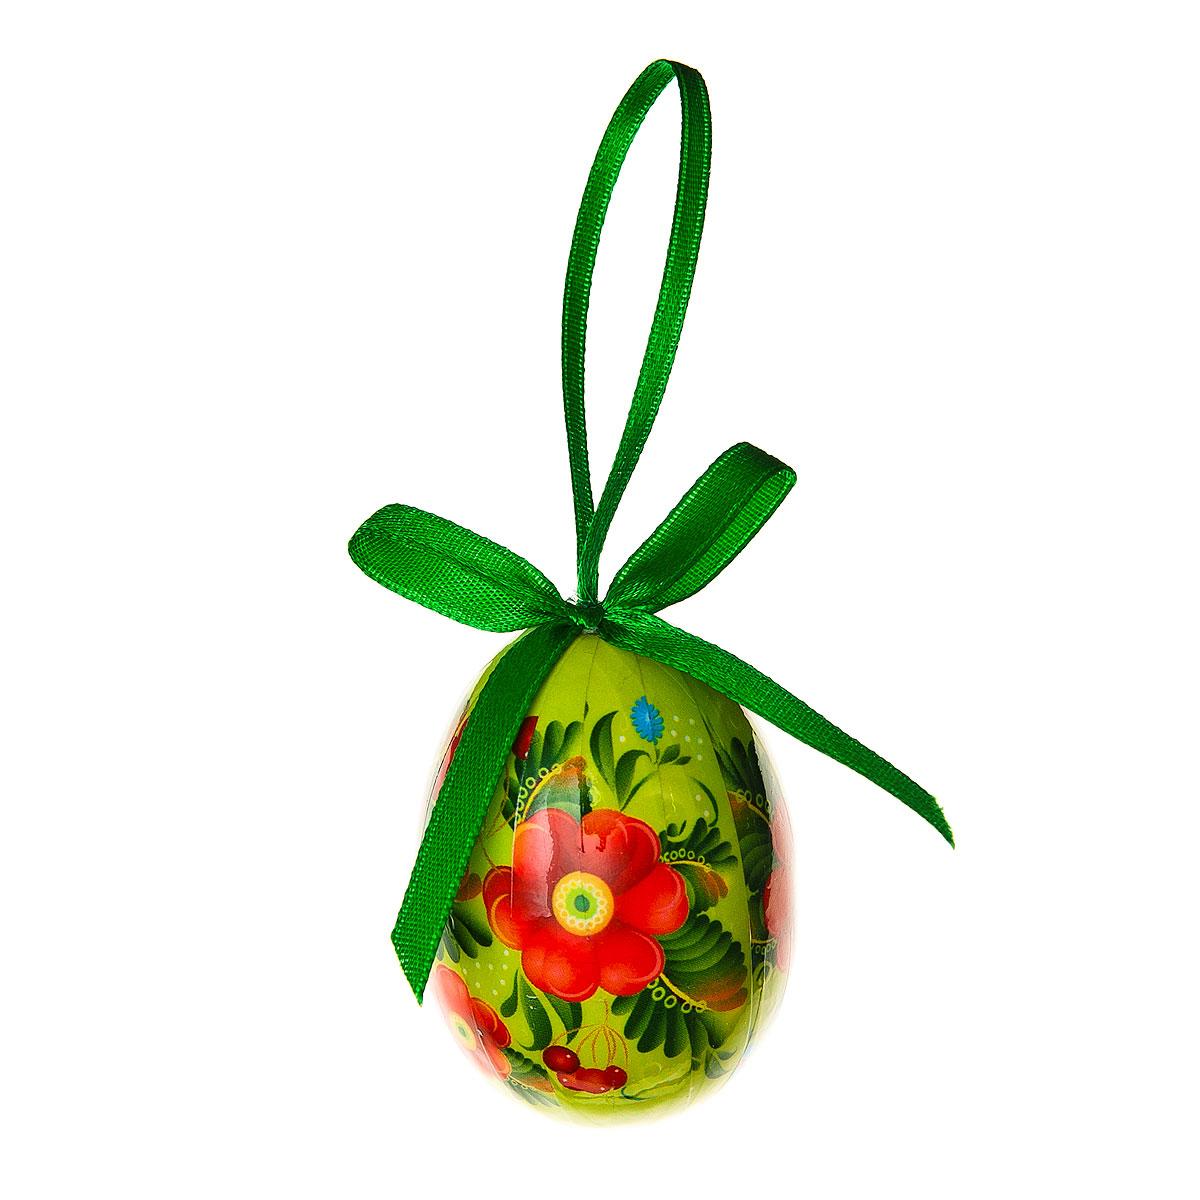 Декоративное подвесное украшение Home Queen Народная роспись, цвет: зеленый декоративное украшение home queen приветливый цыпленок цвет желтый 8 х 11 см